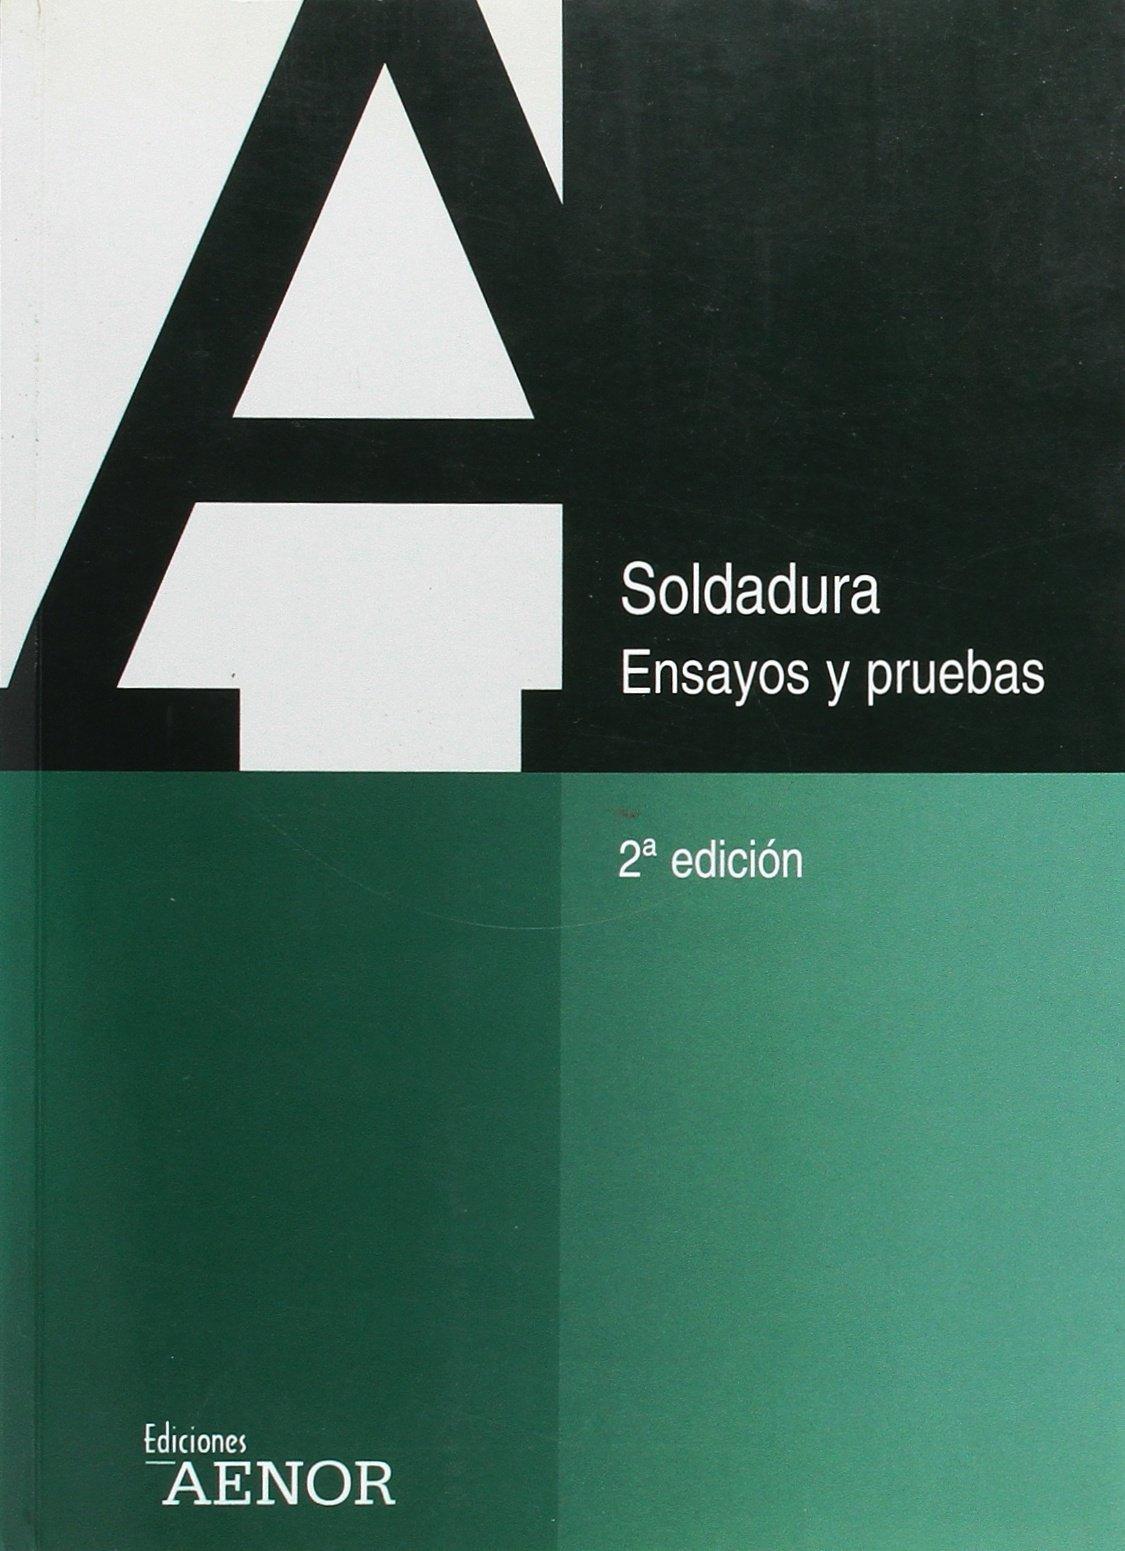 Soldadura. Ensayos Y Pruebas: Amazon.es: VV.AA.: Libros en idiomas extranjeros